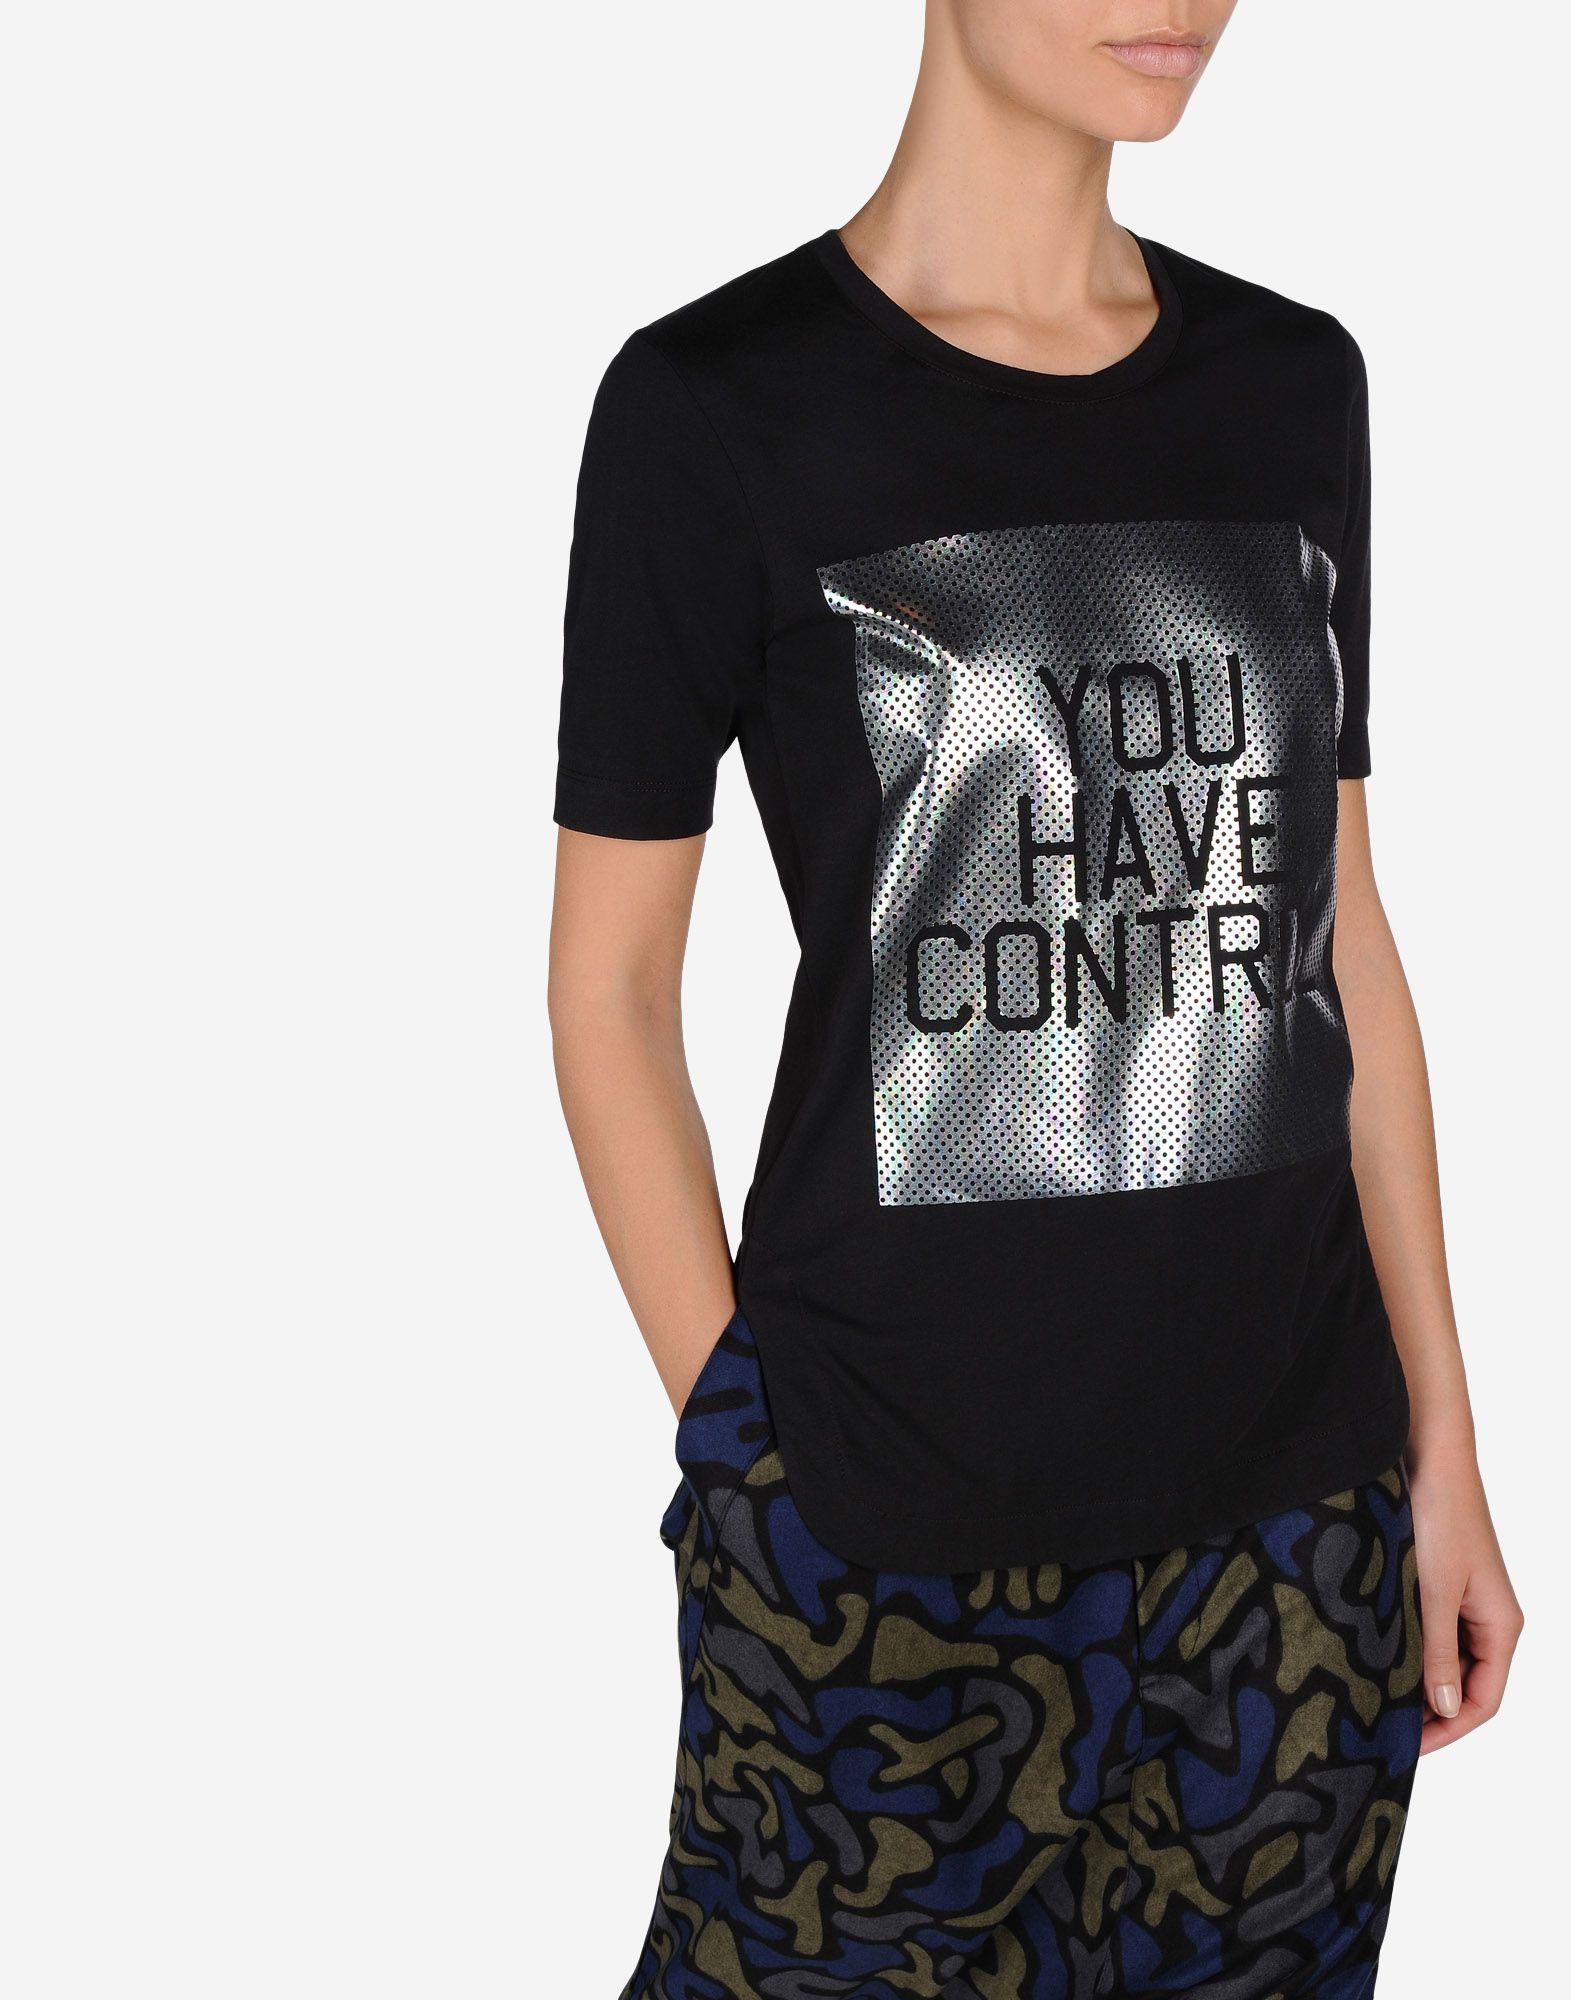 Y-3 CONTROL T-SHIRT TEES & POLOS woman Y-3 adidas